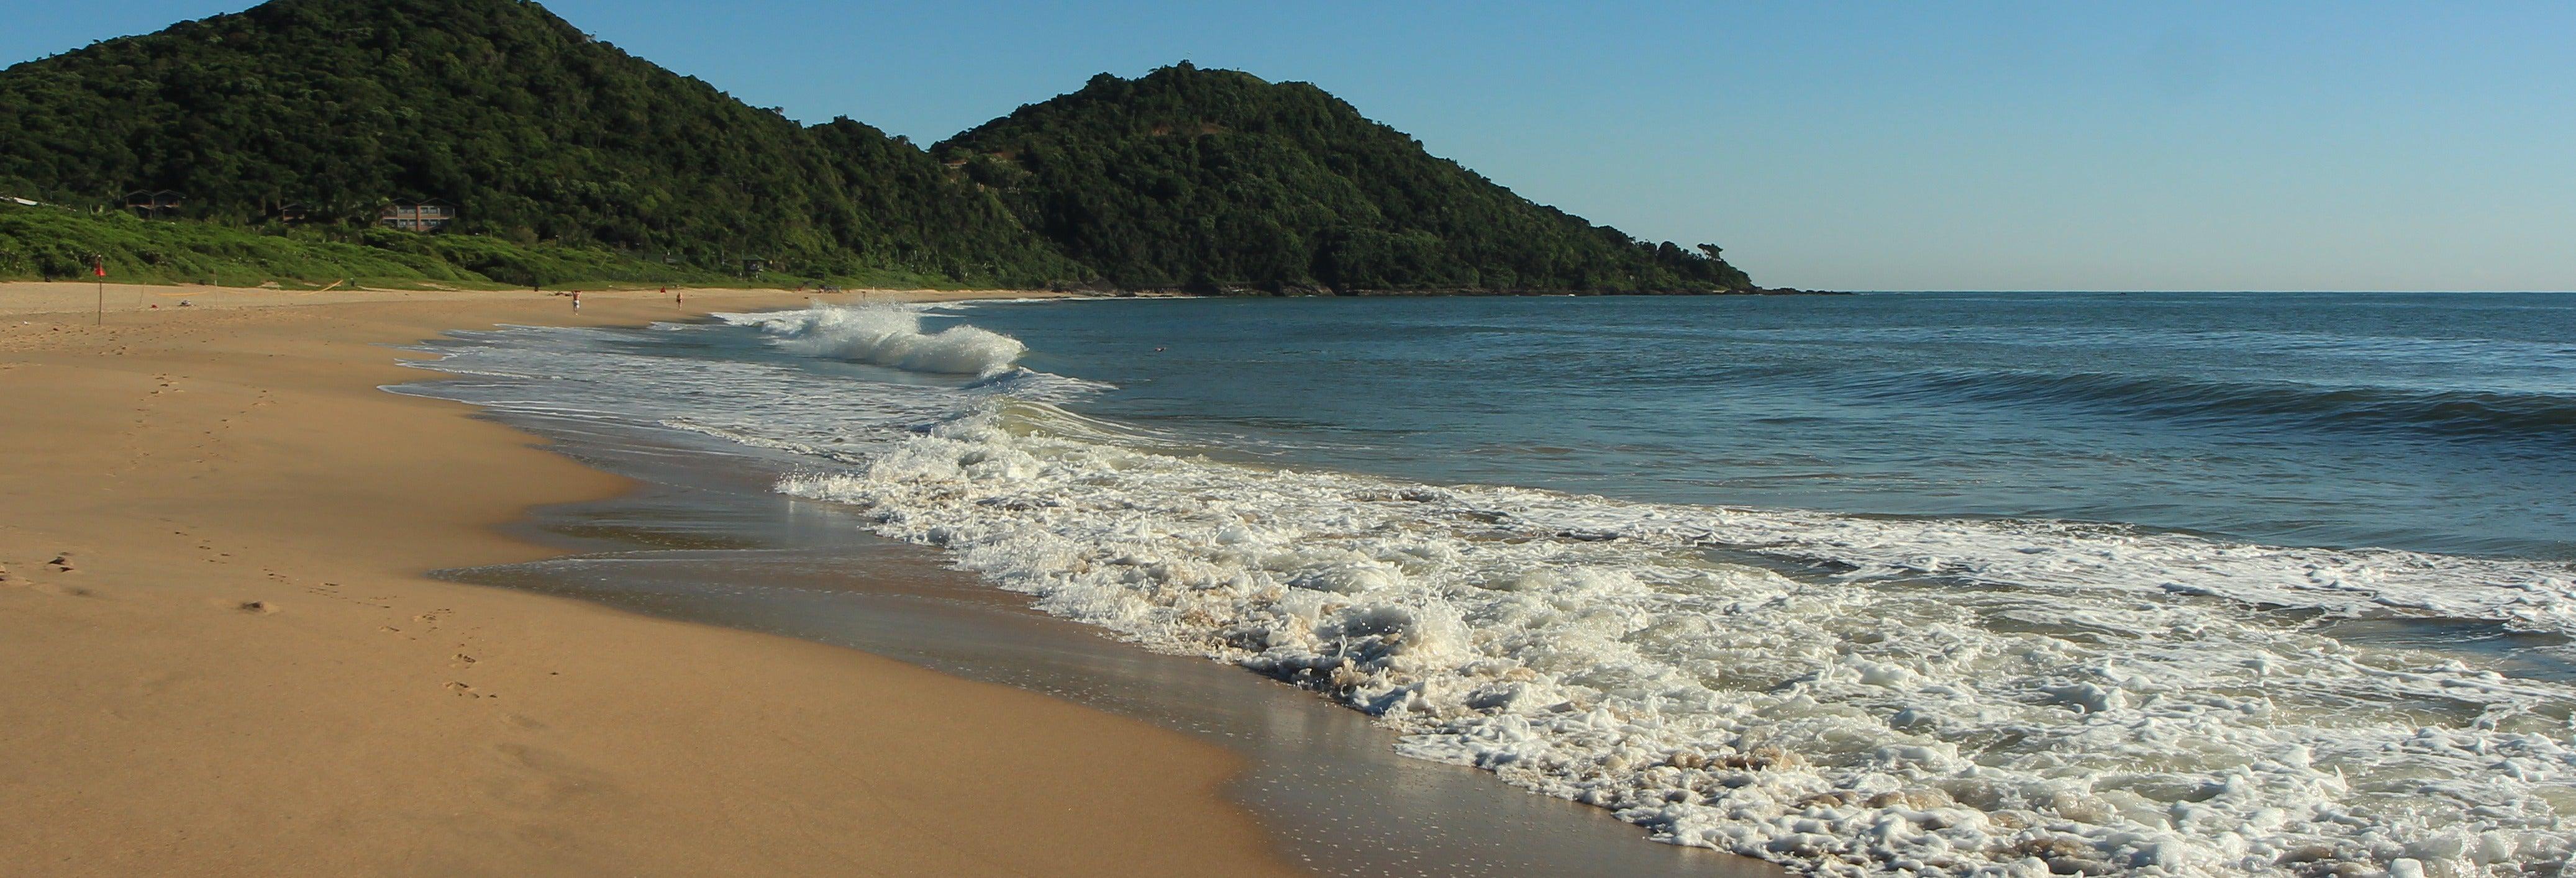 Excursão privada saindo de Florianópolis